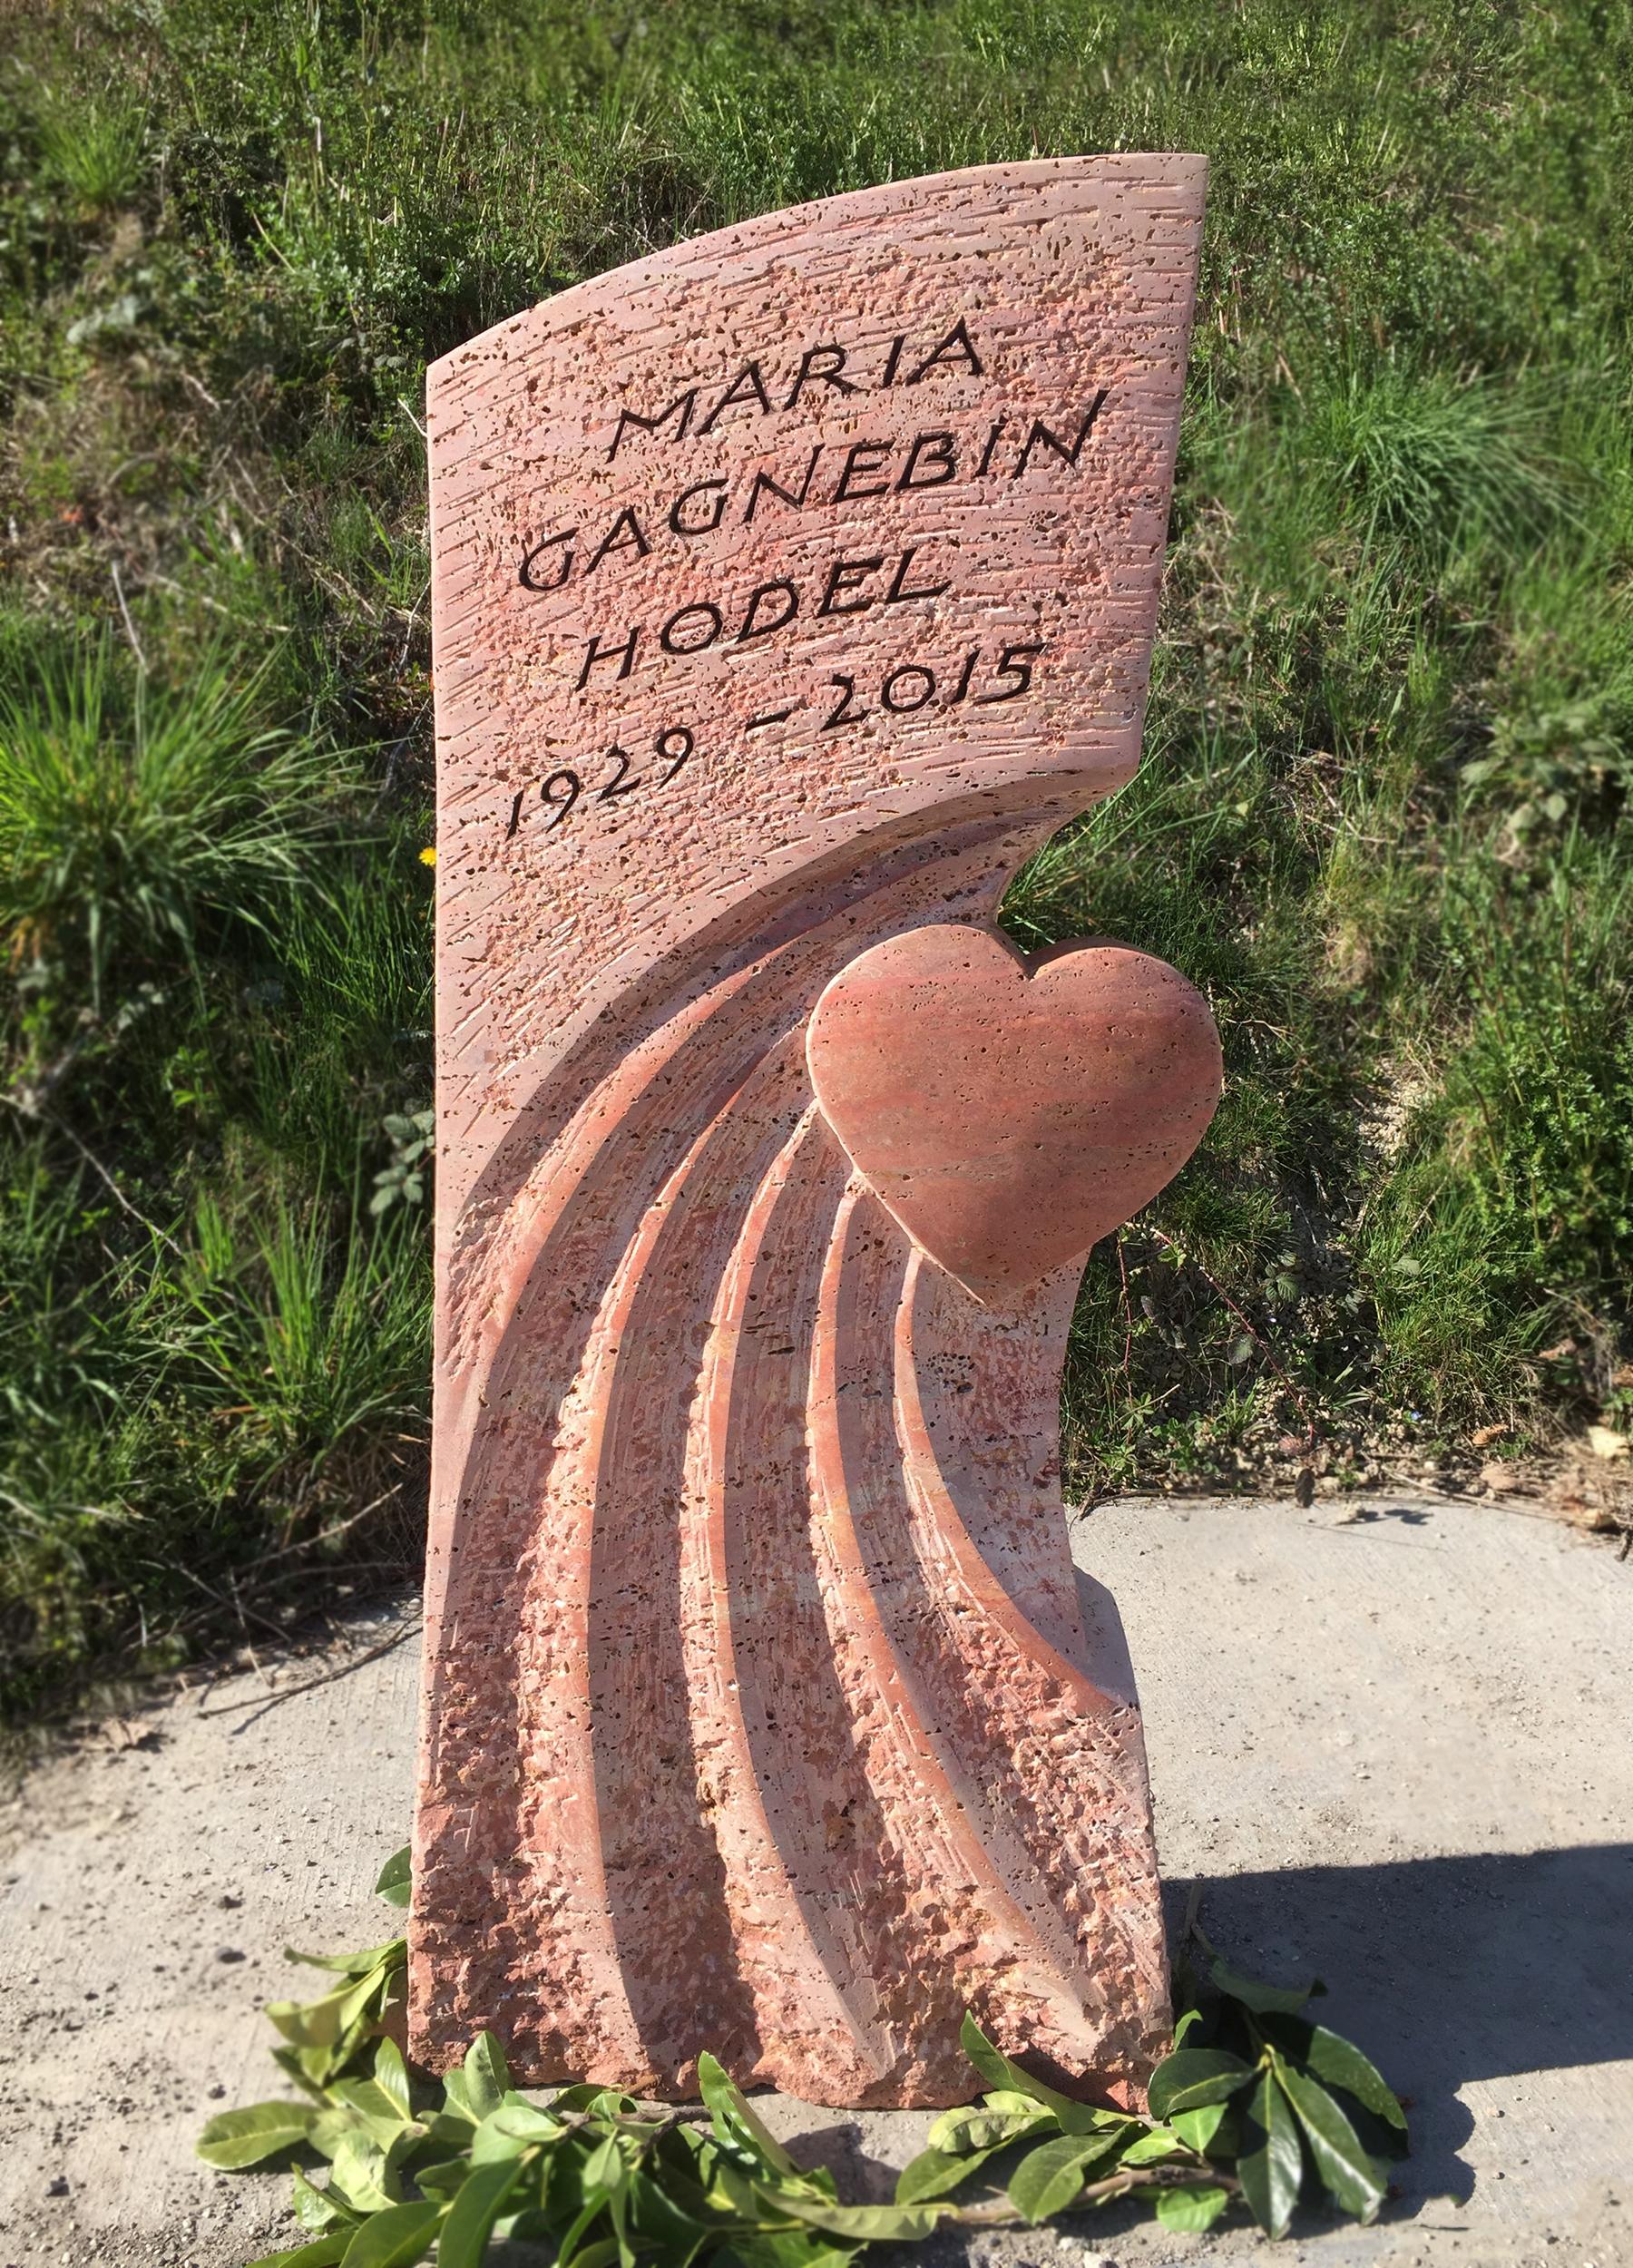 Grabstein aus persischem Travertin mit geschliffenem Herz